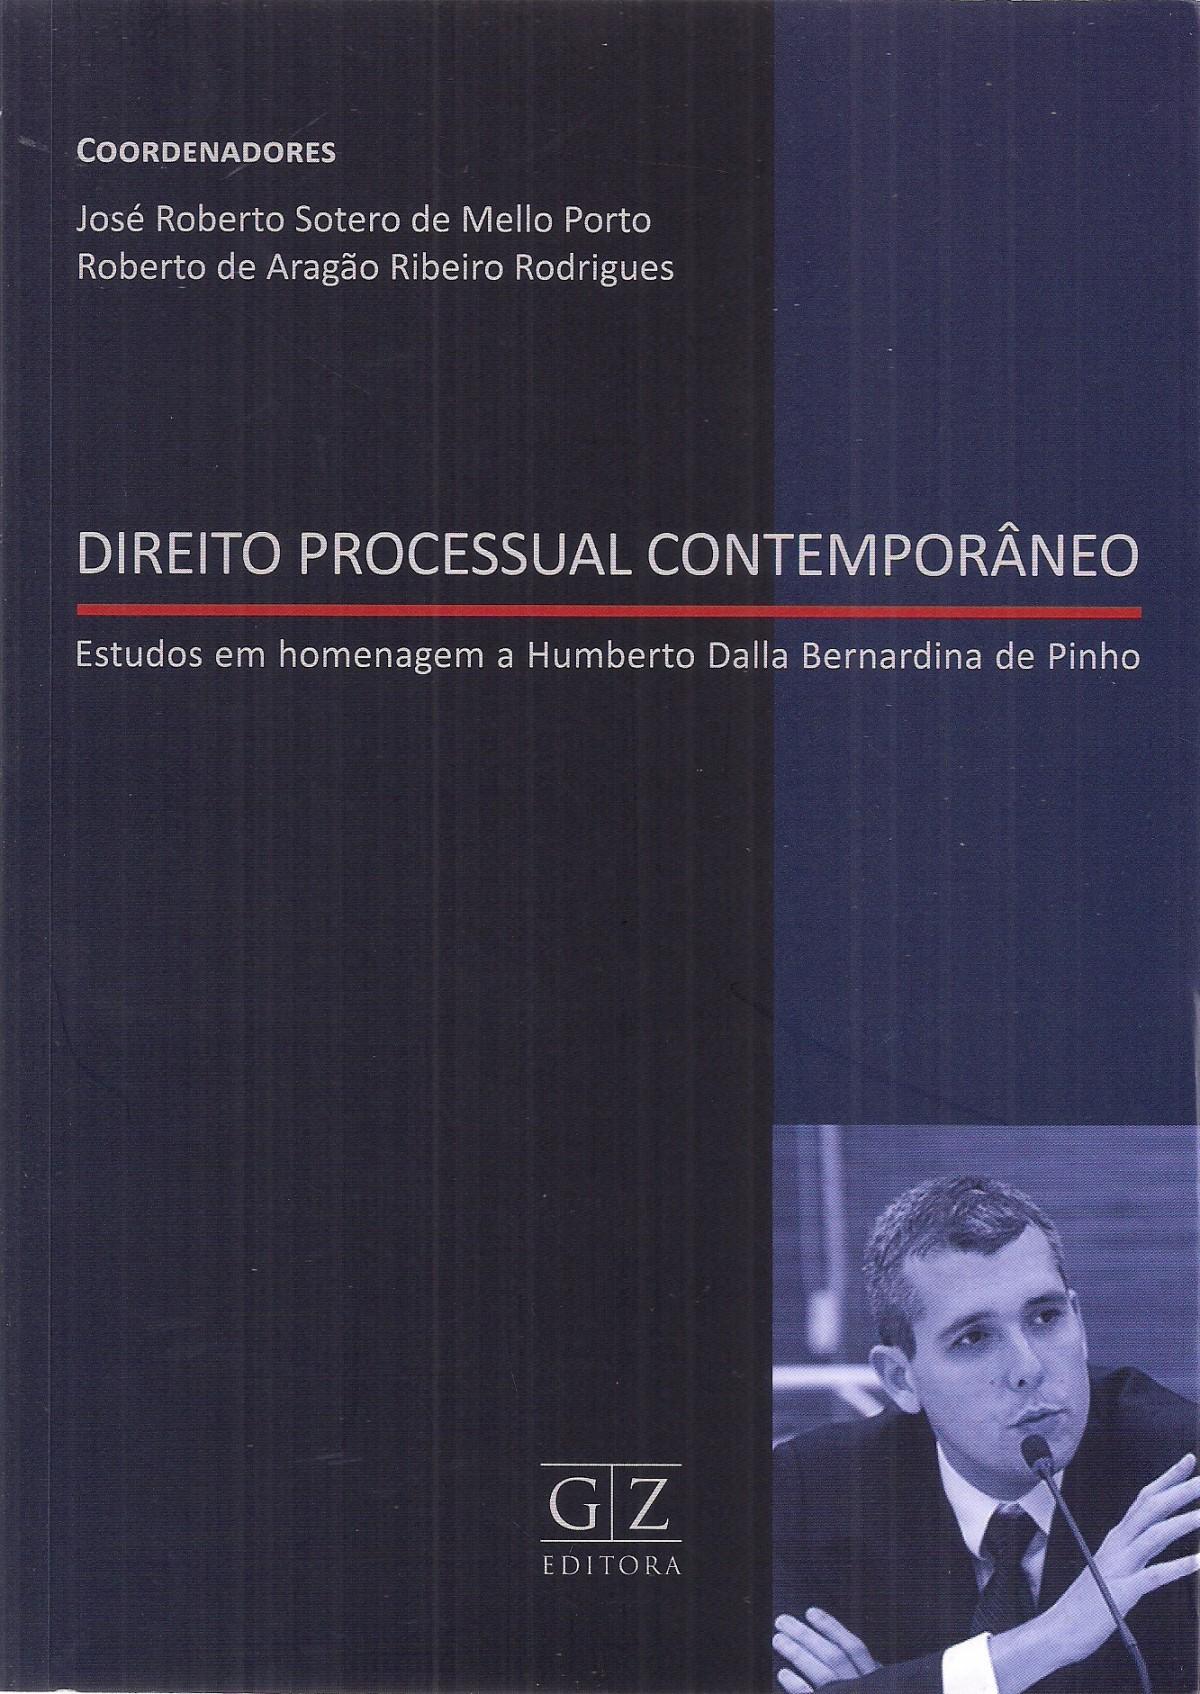 Foto 1 - Direito Processual Contemporâneo - Estudos em Homenagem a Humberto Dalla Bernardina de Pinho